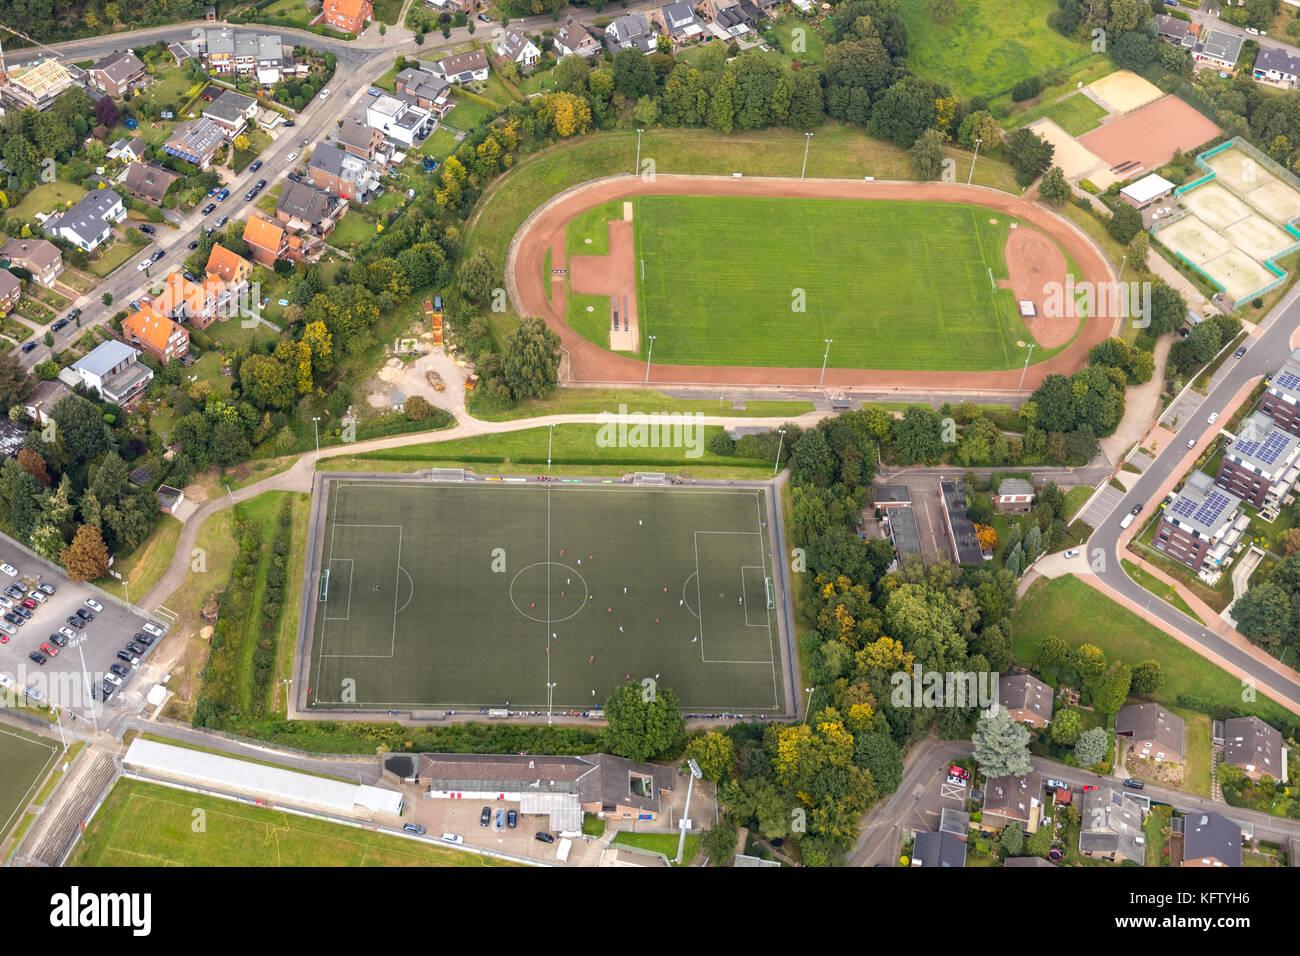 Fußballstadion, Gustav-Hoffmann-Stadion, Sportanlagen,  Kleve, Niederrhein, Nordrhein-Westfalen, Deutschland Stock Photo